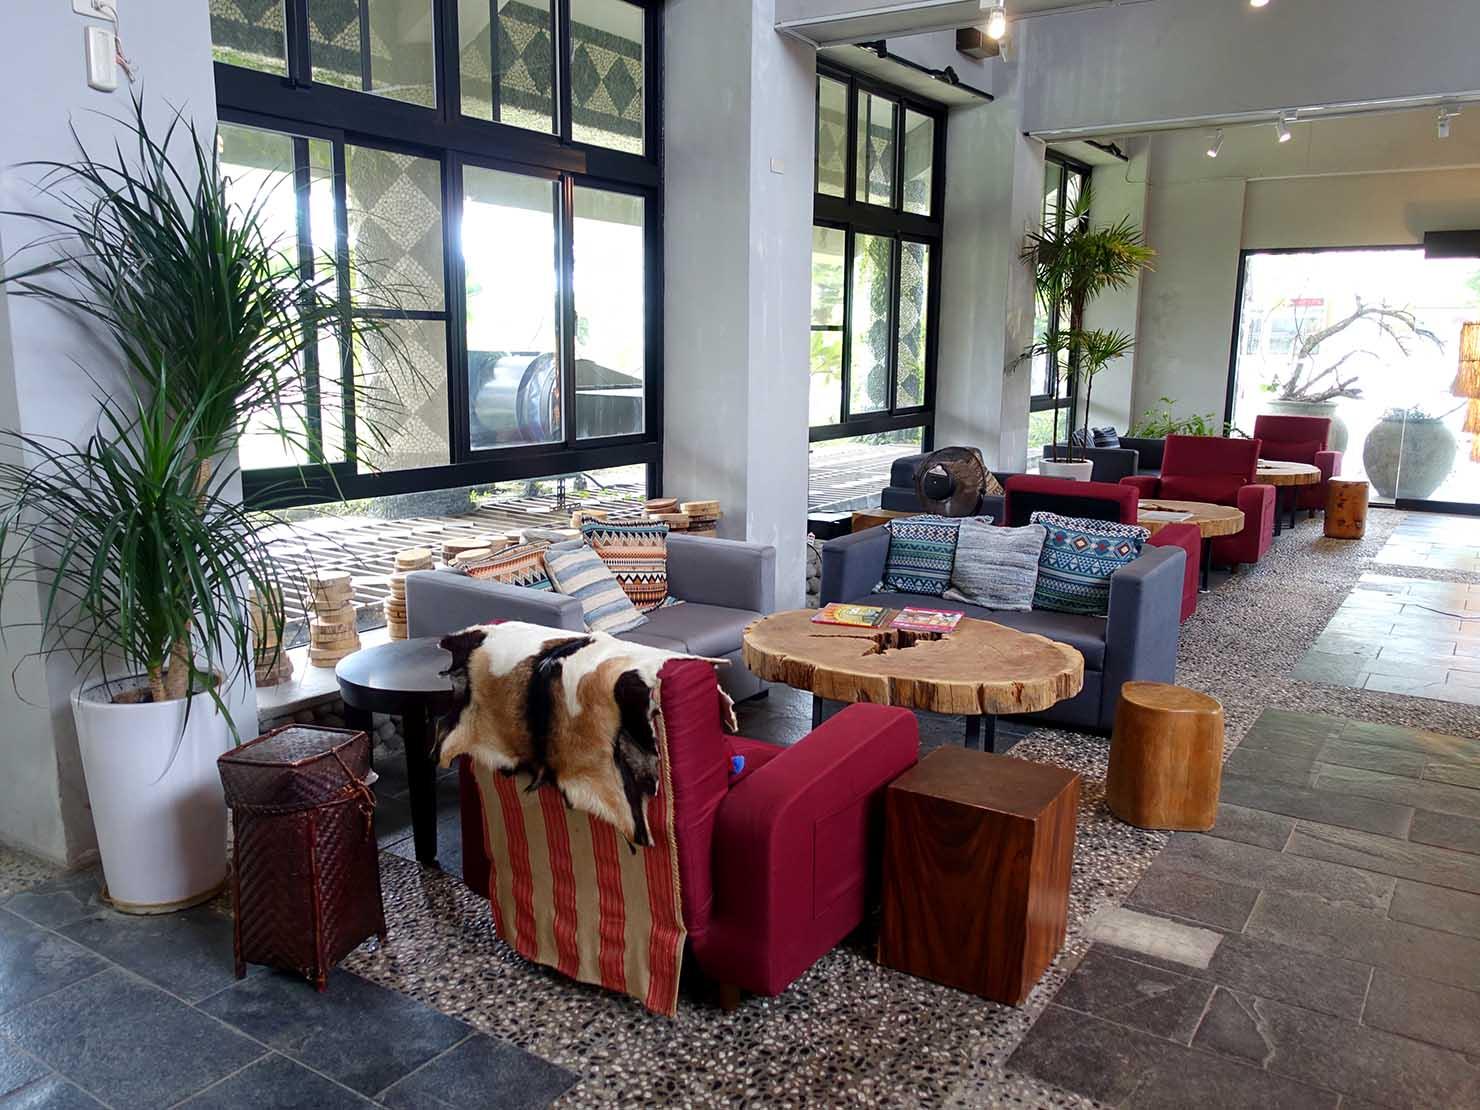 台湾・台東市街のおすすめホテル「MATA家屋」のエントランスに置かれたソファ